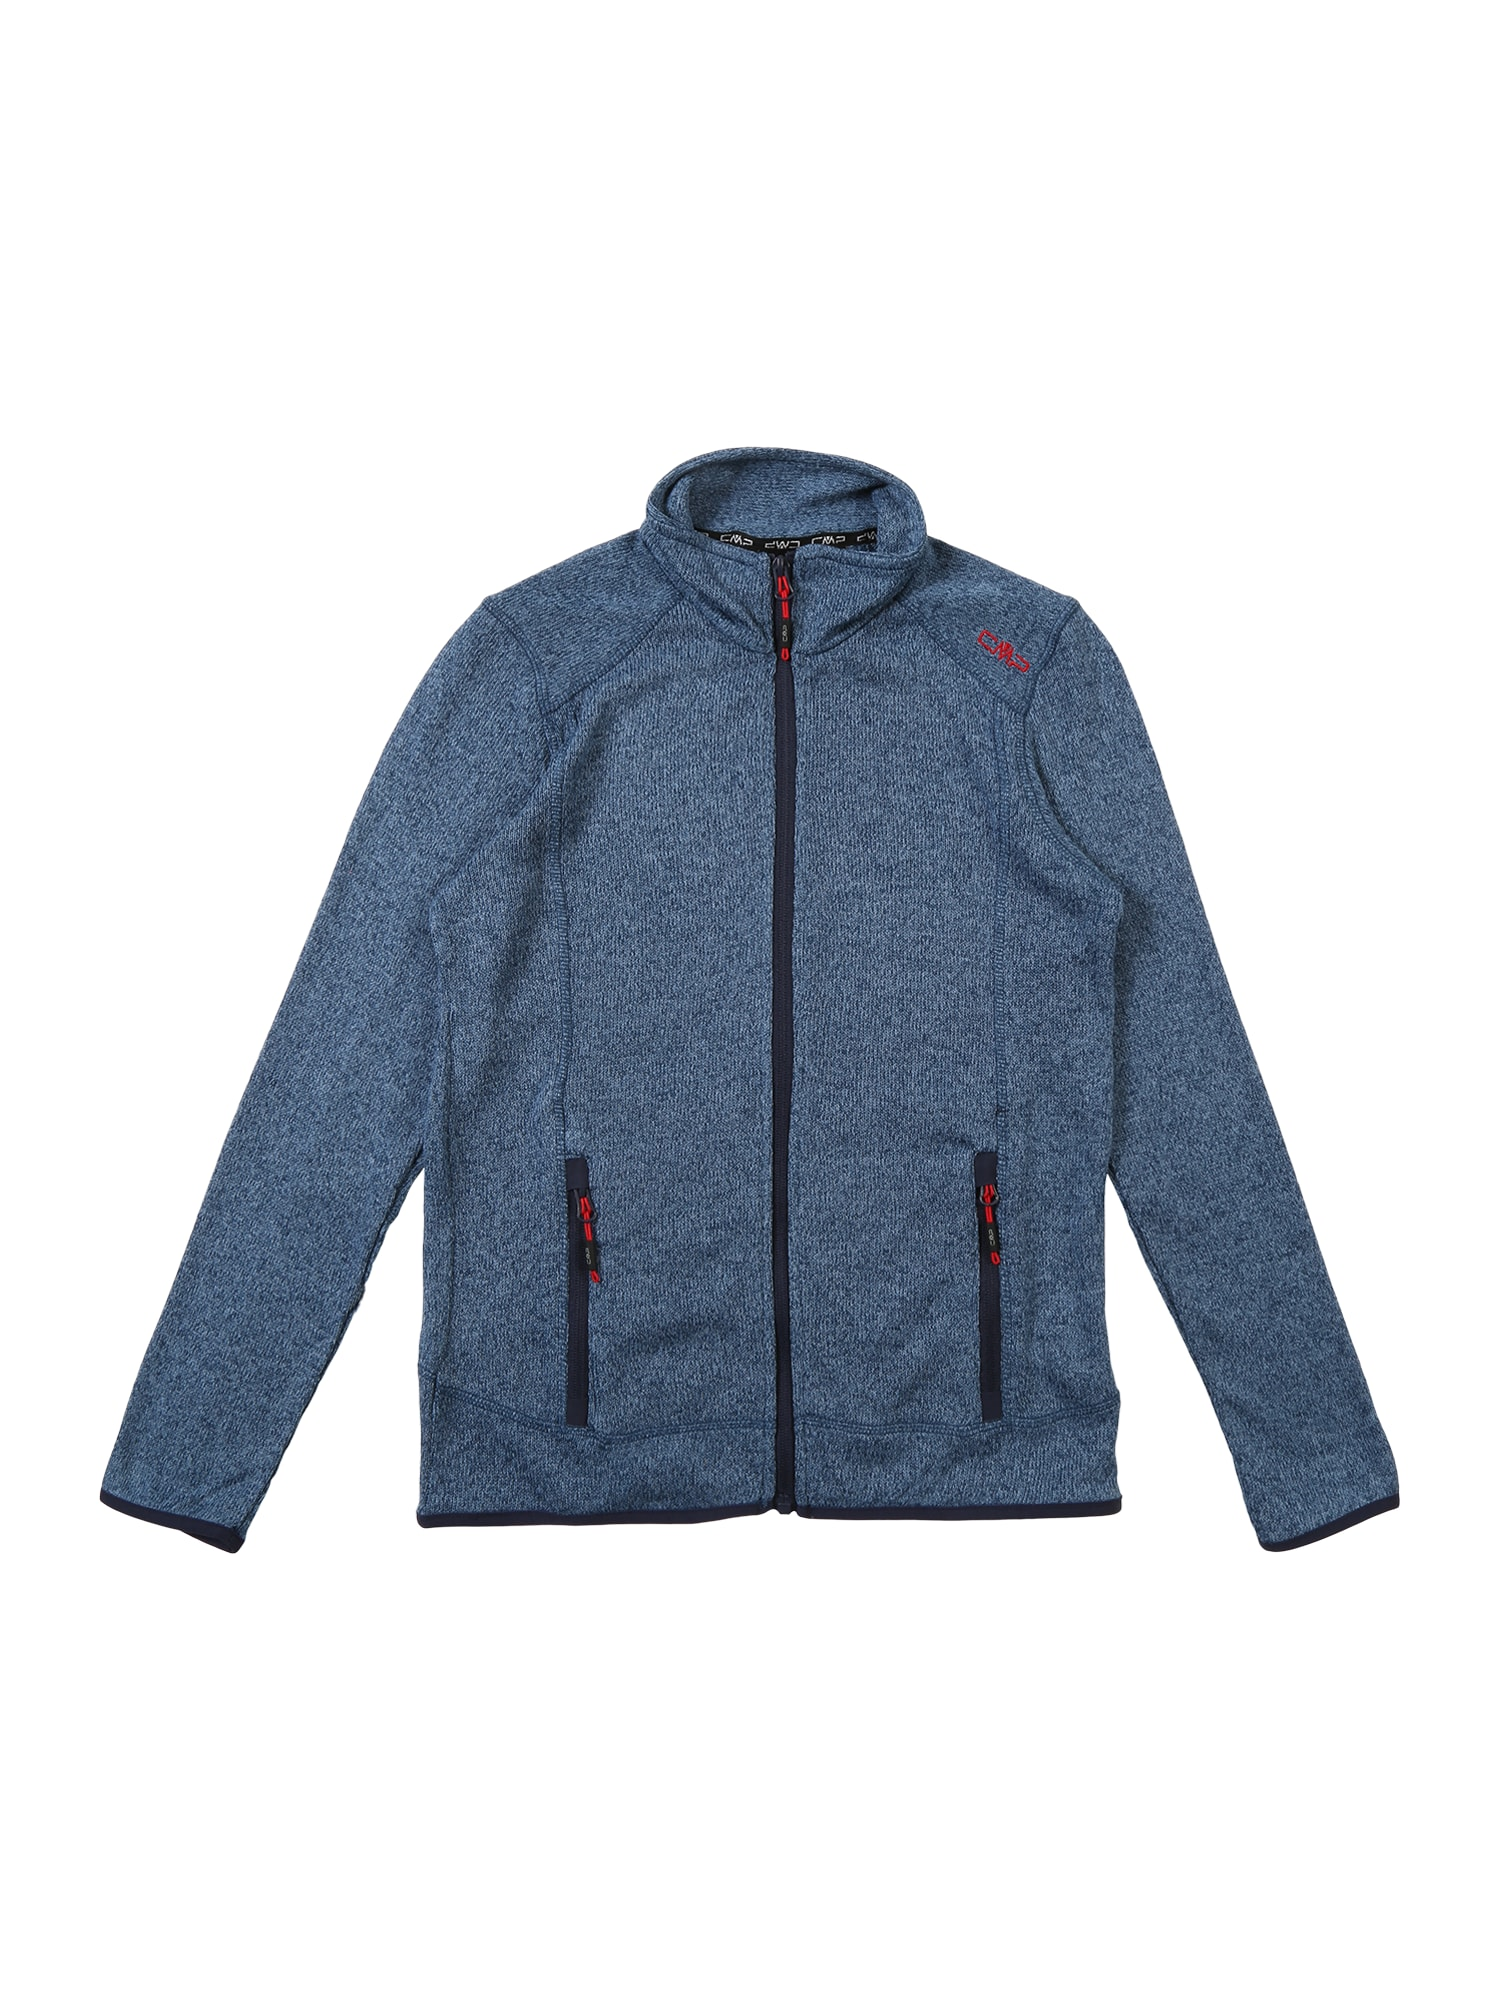 Přechodná bunda tmavě modrá modrý melír CMP